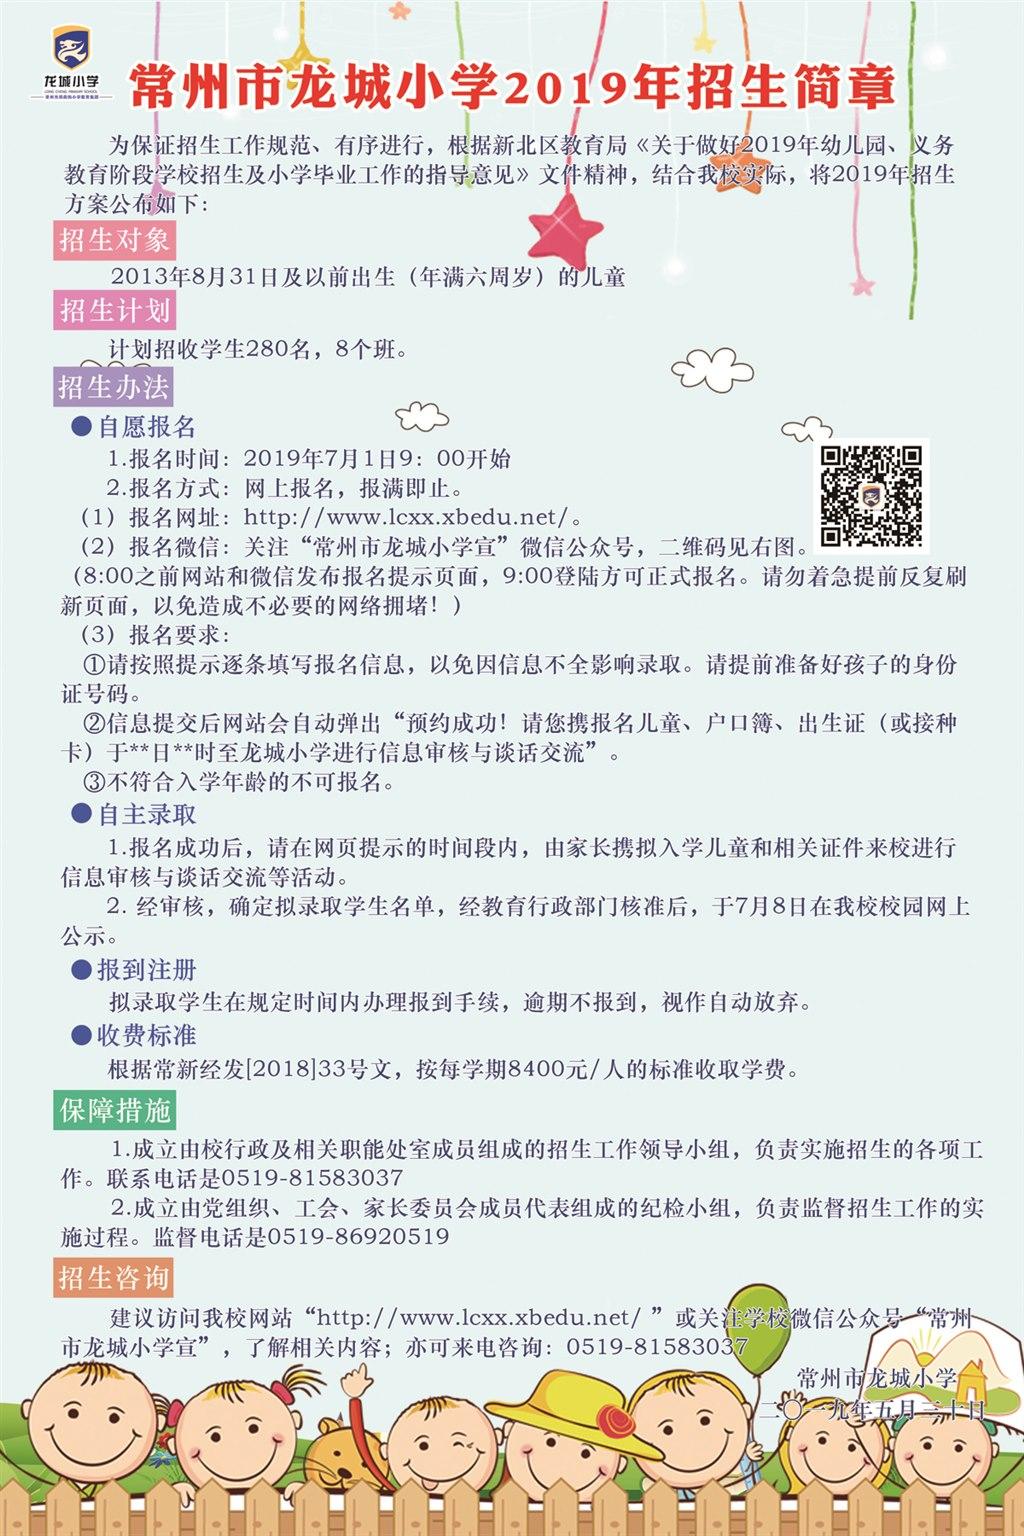 龙城招生简章.jpg